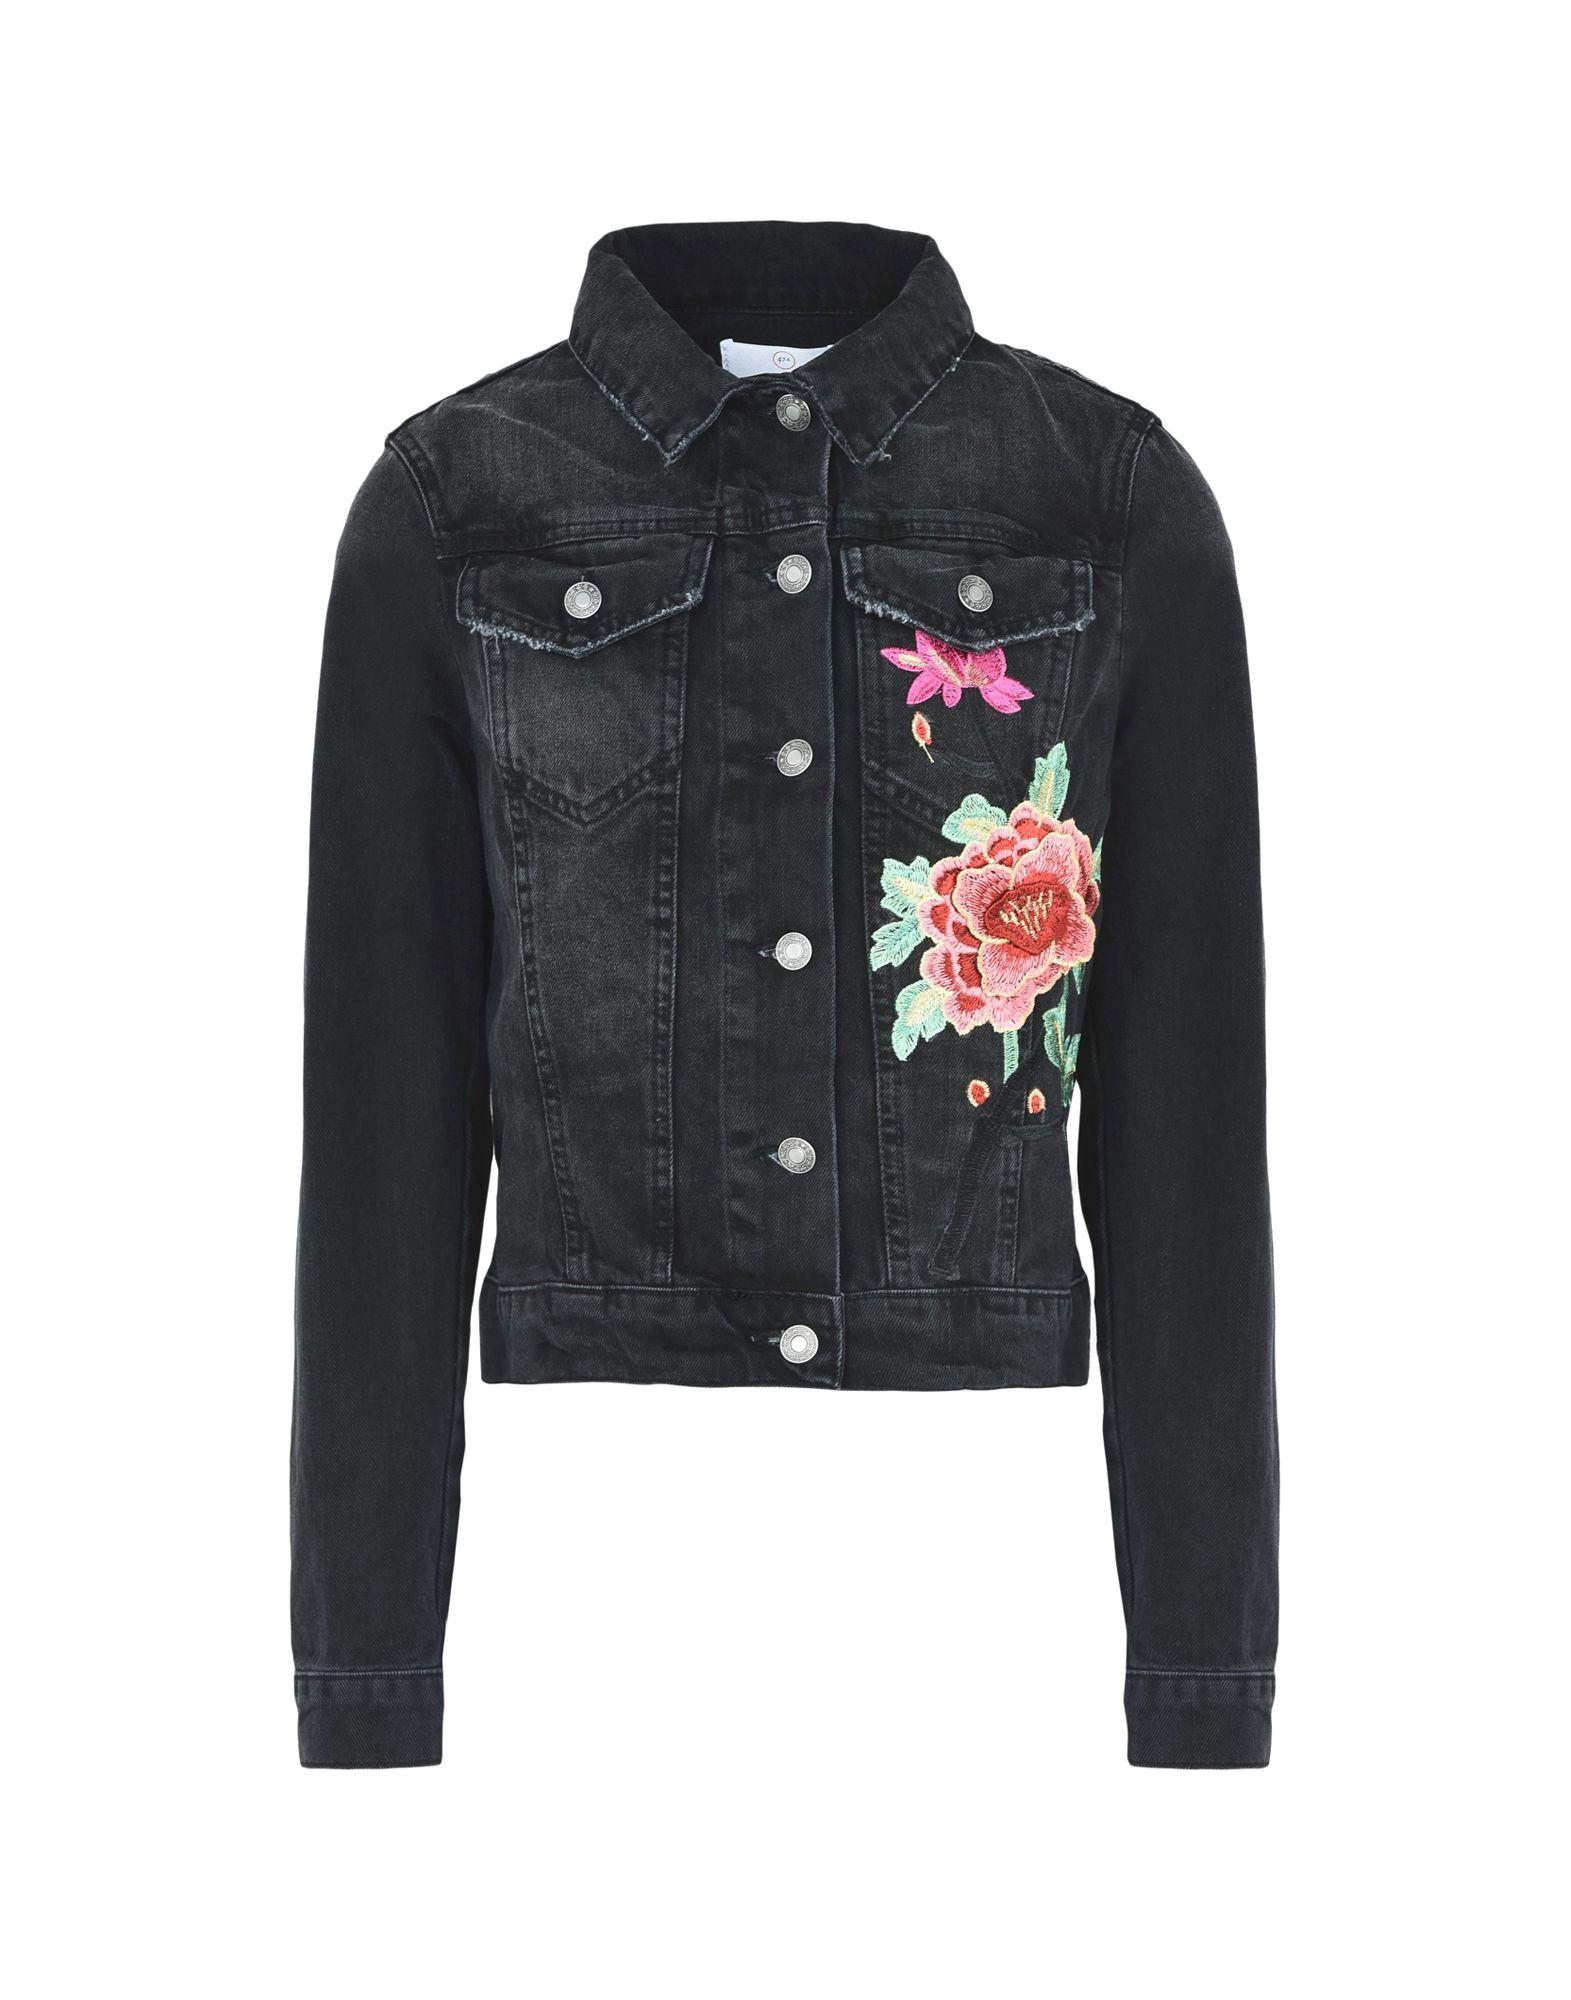 цены на GEORGE J. LOVE Джинсовая верхняя одежда в интернет-магазинах